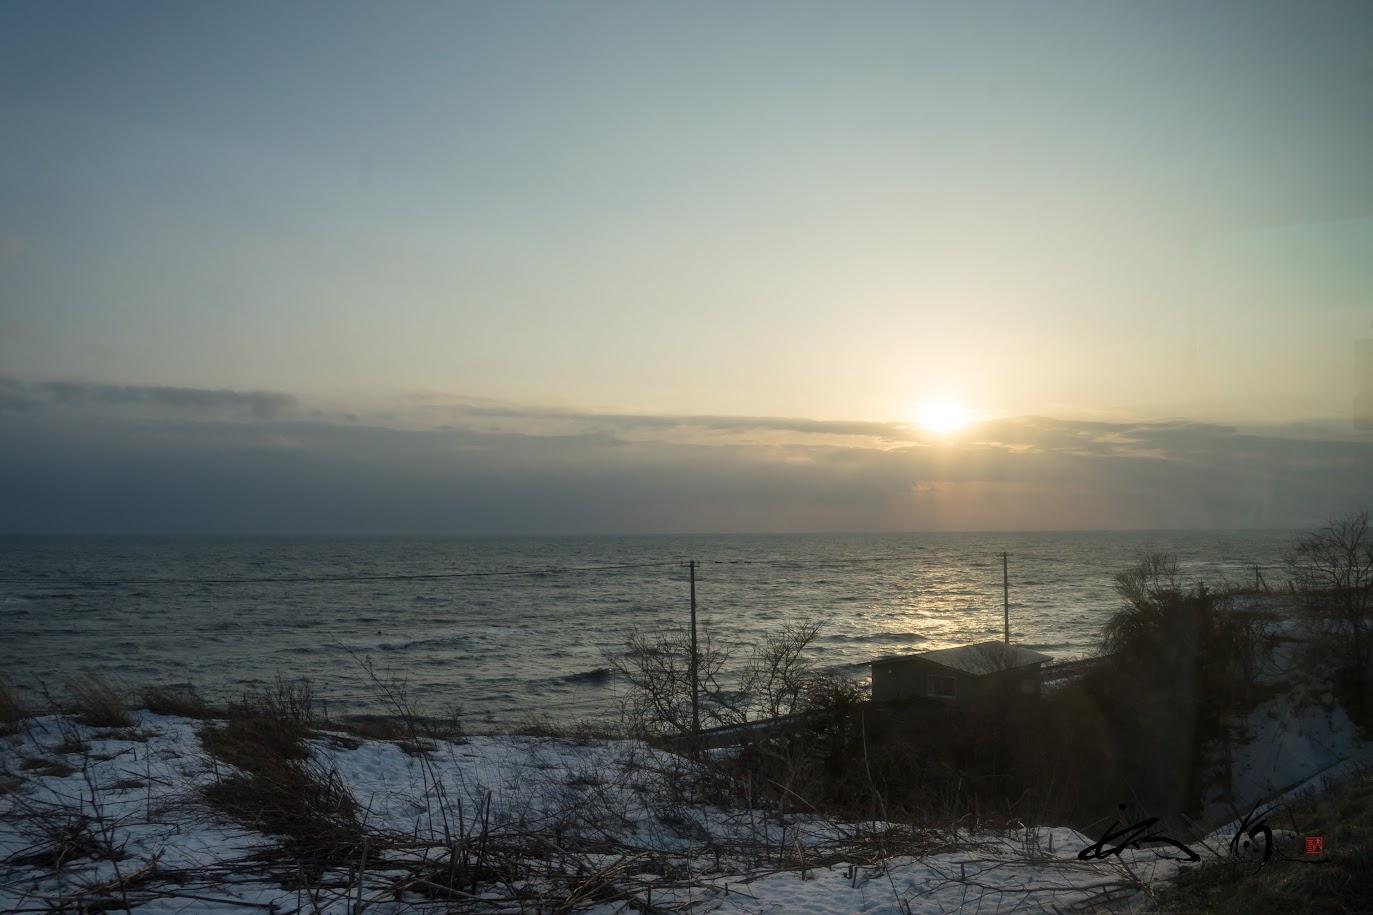 太平洋に沈む夕陽